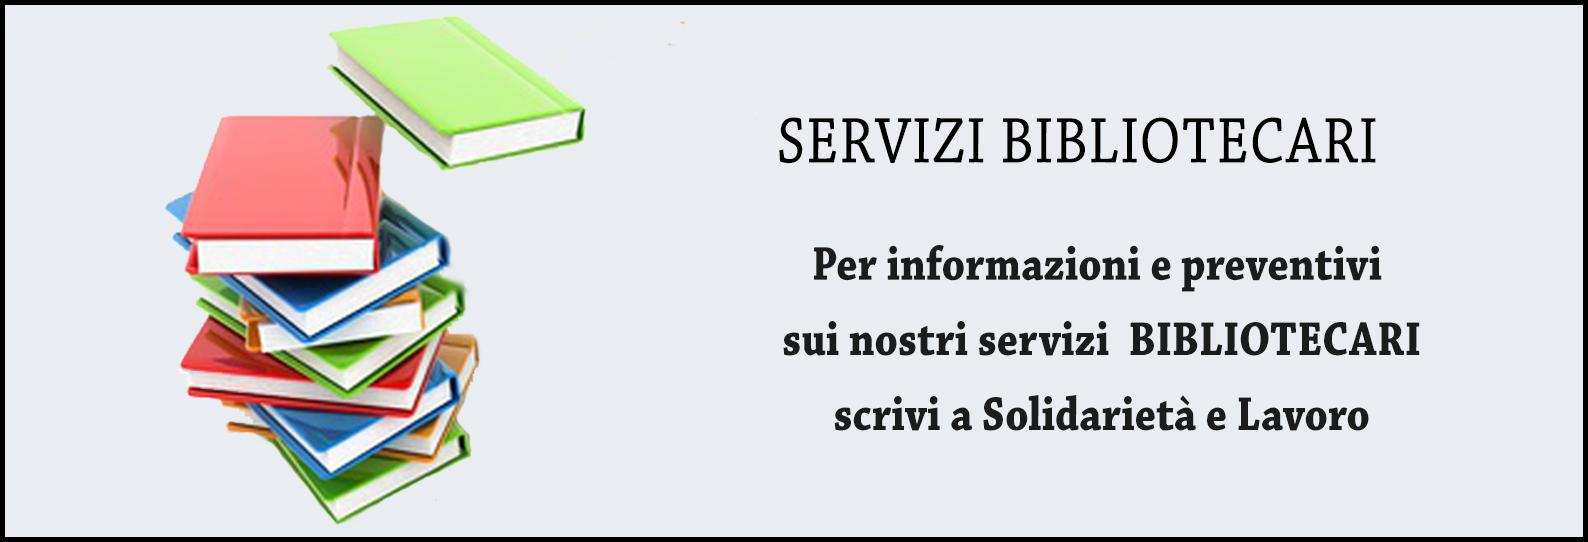 SolidaritàeLavoro_sito pll_box_biblioteca_